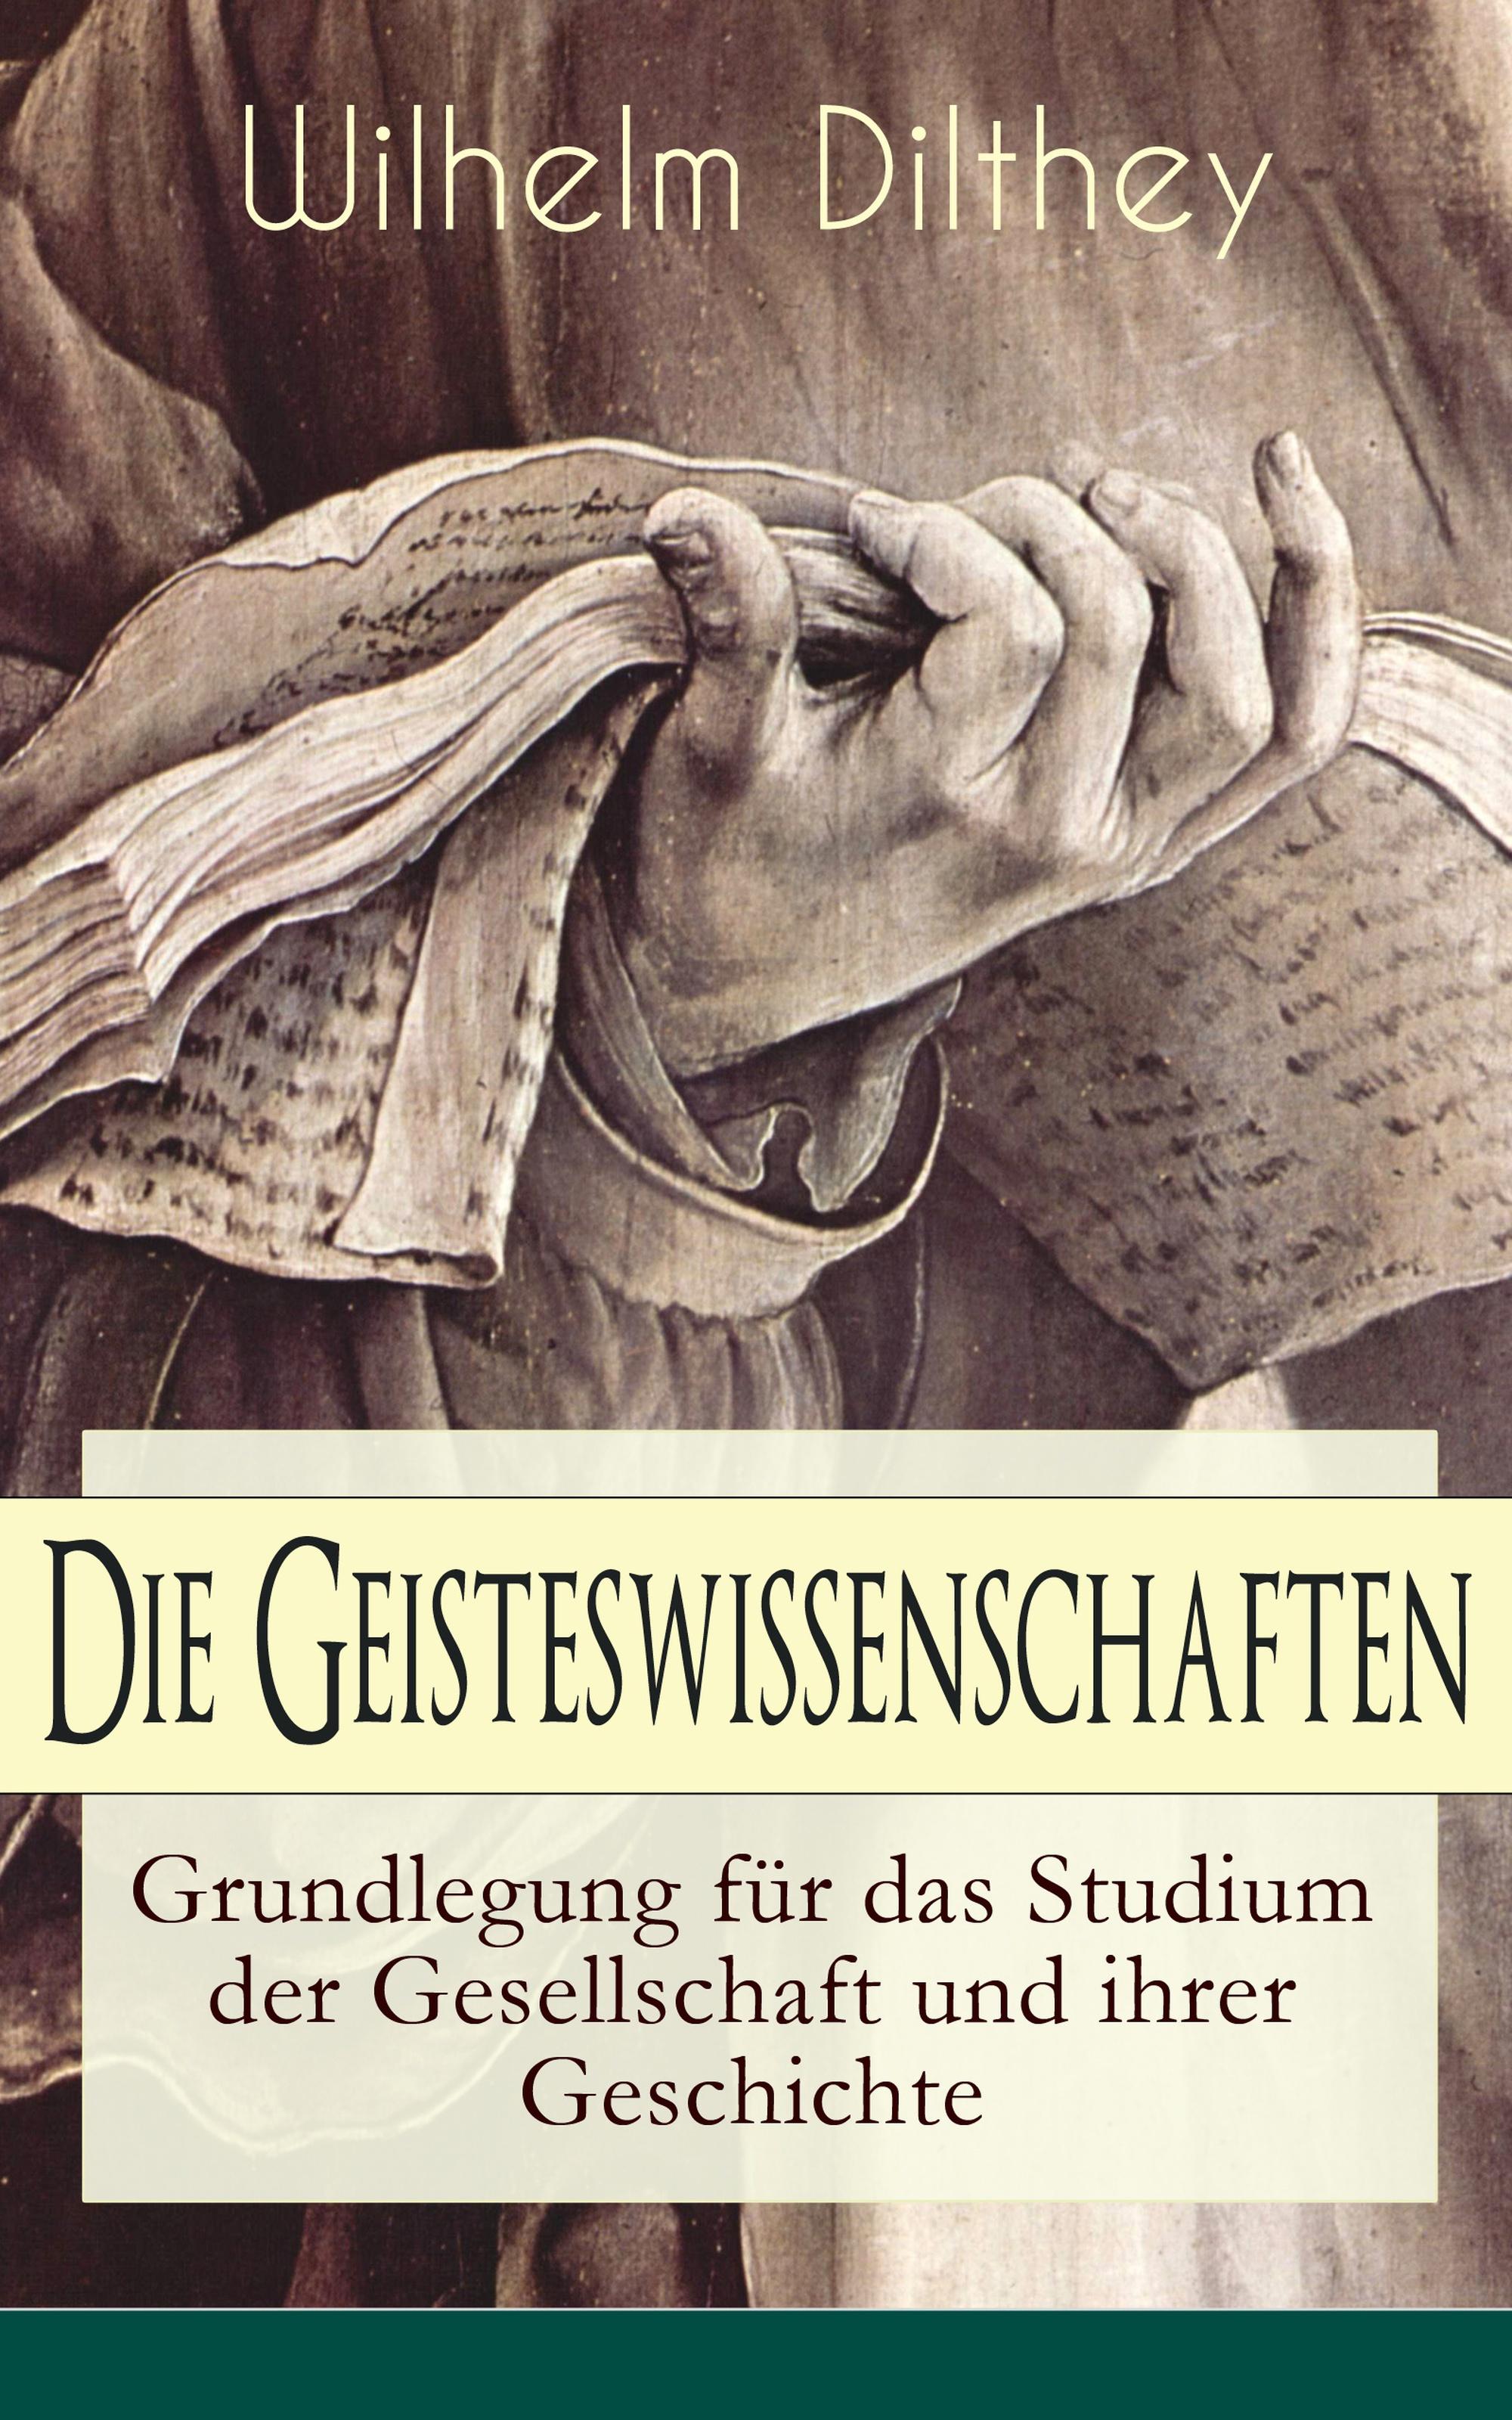 цена Wilhelm Dilthey Die Geisteswissenschaften - Grundlegung für das Studium der Gesellschaft und ihrer Geschichte онлайн в 2017 году